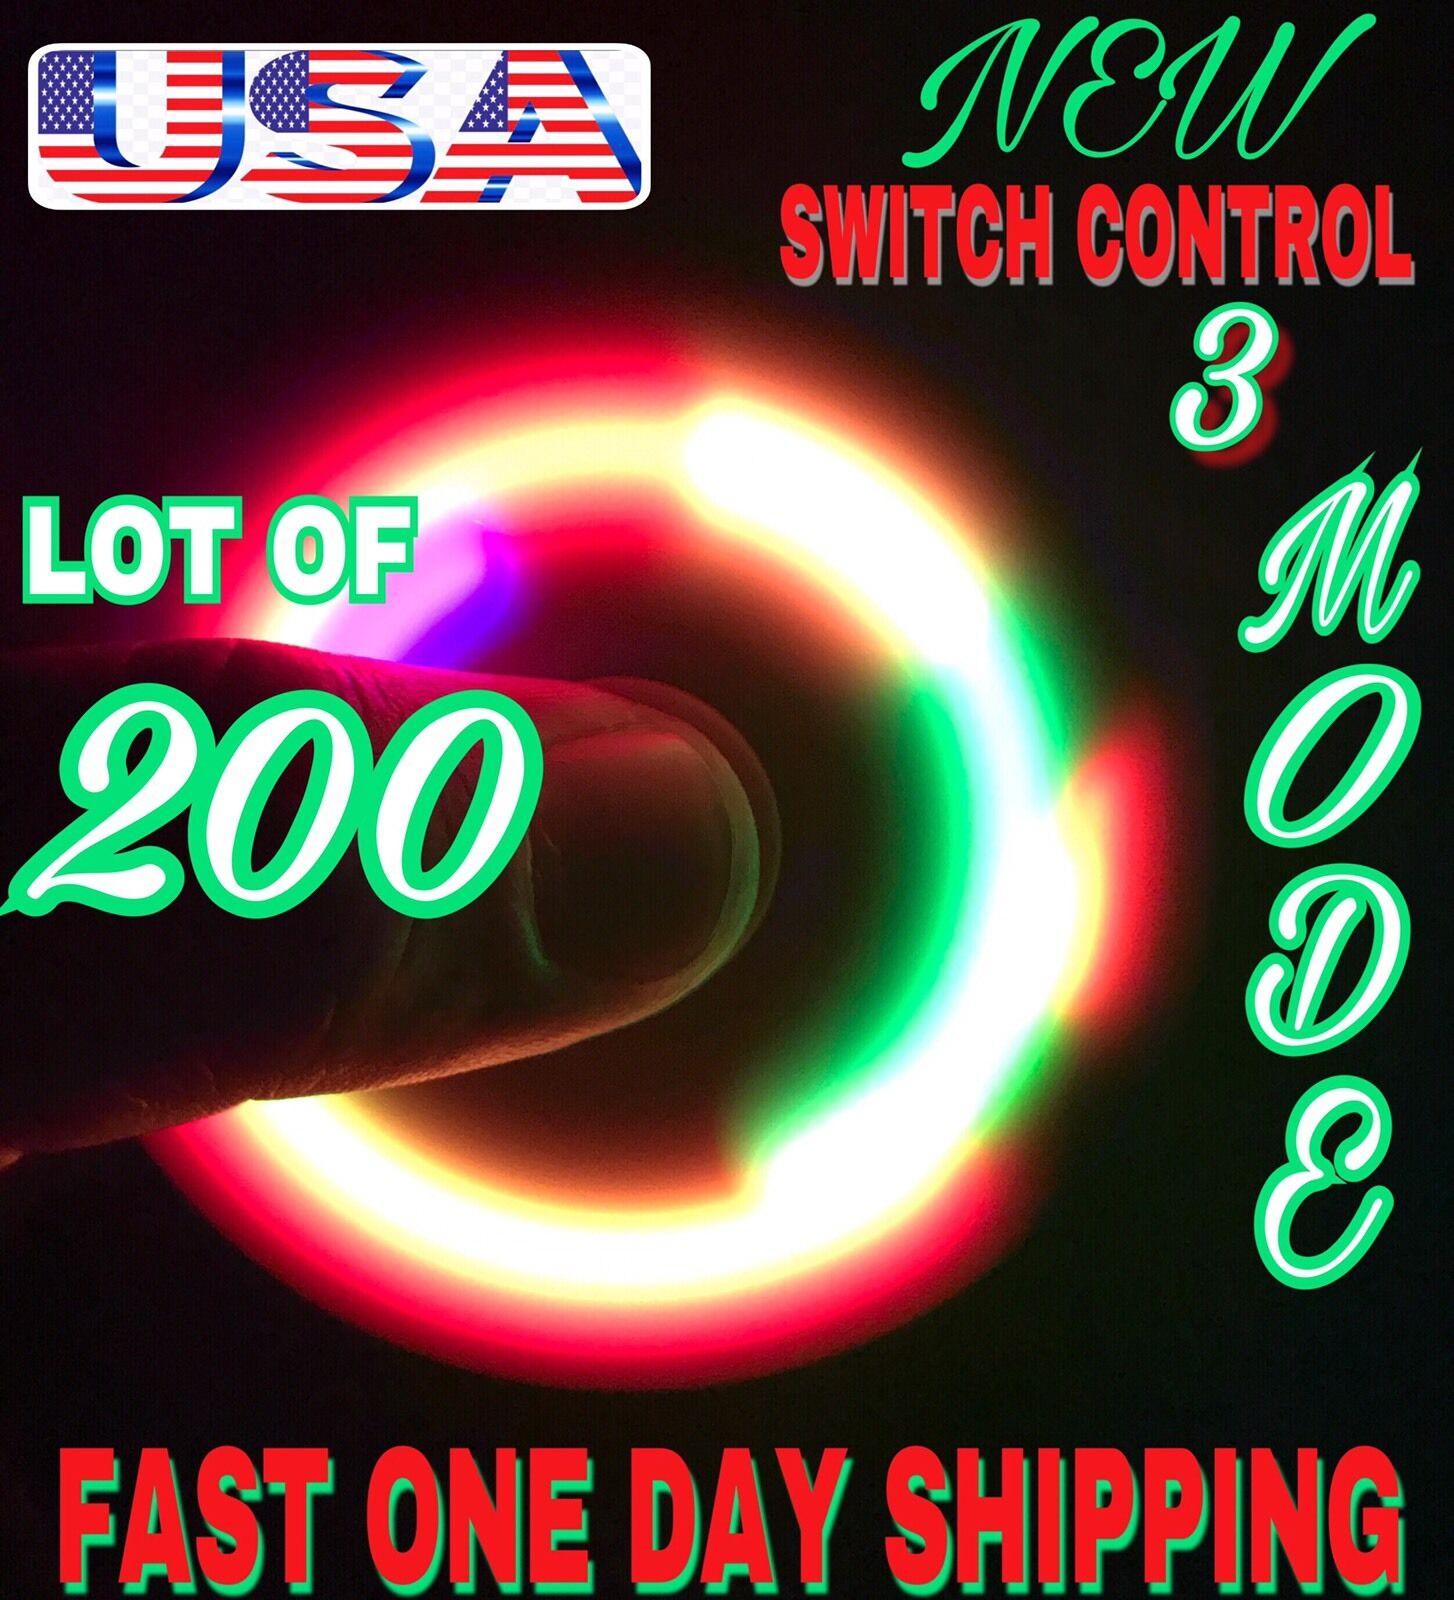 Lote de 200 x LED CONTROL de conmutador Fidgets Spinner 3 modos, 4TH de julio